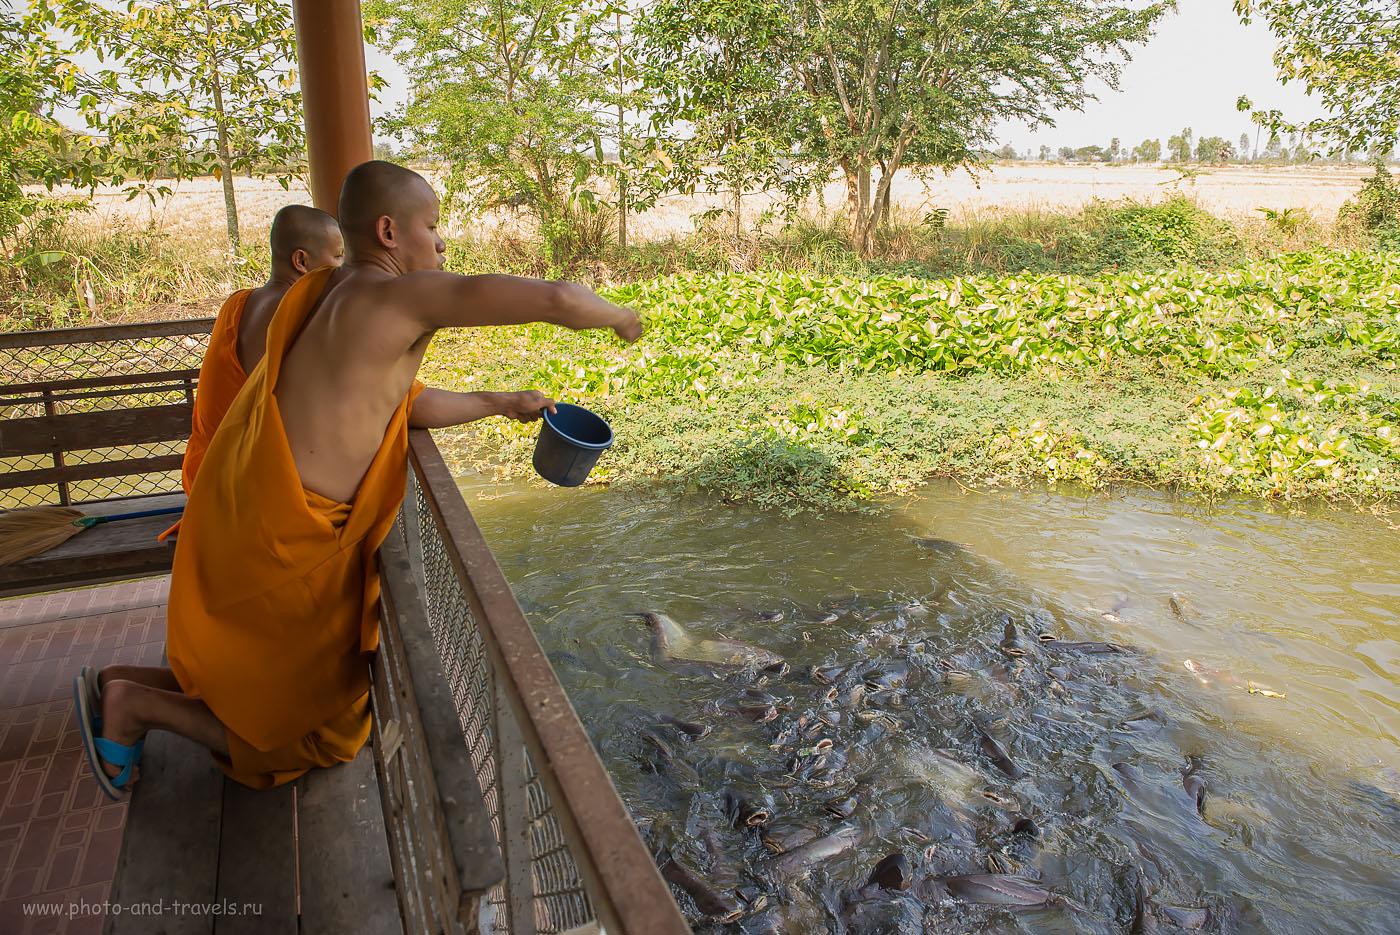 Фото 27. Ничто человеческое им не чуждо... Поездка по Таиланду на машине. Интересные места недалеко от города Хуахин.